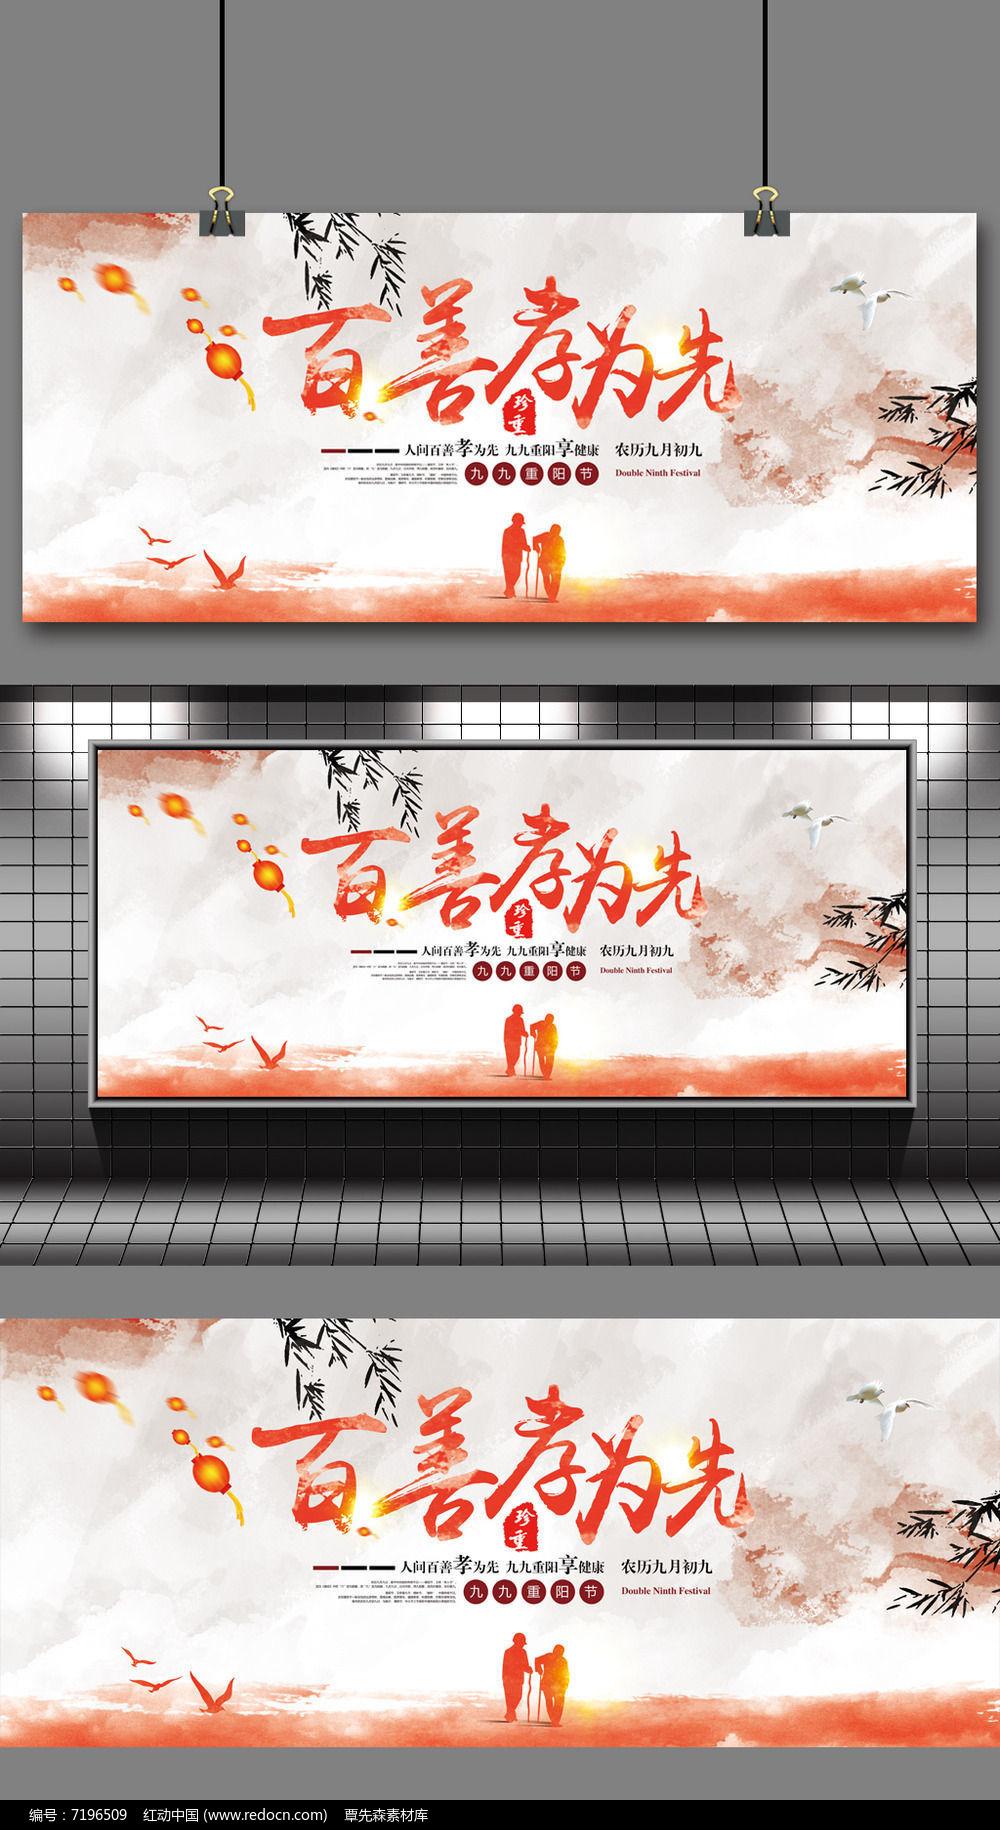 百善孝为先重阳节主题海报设计